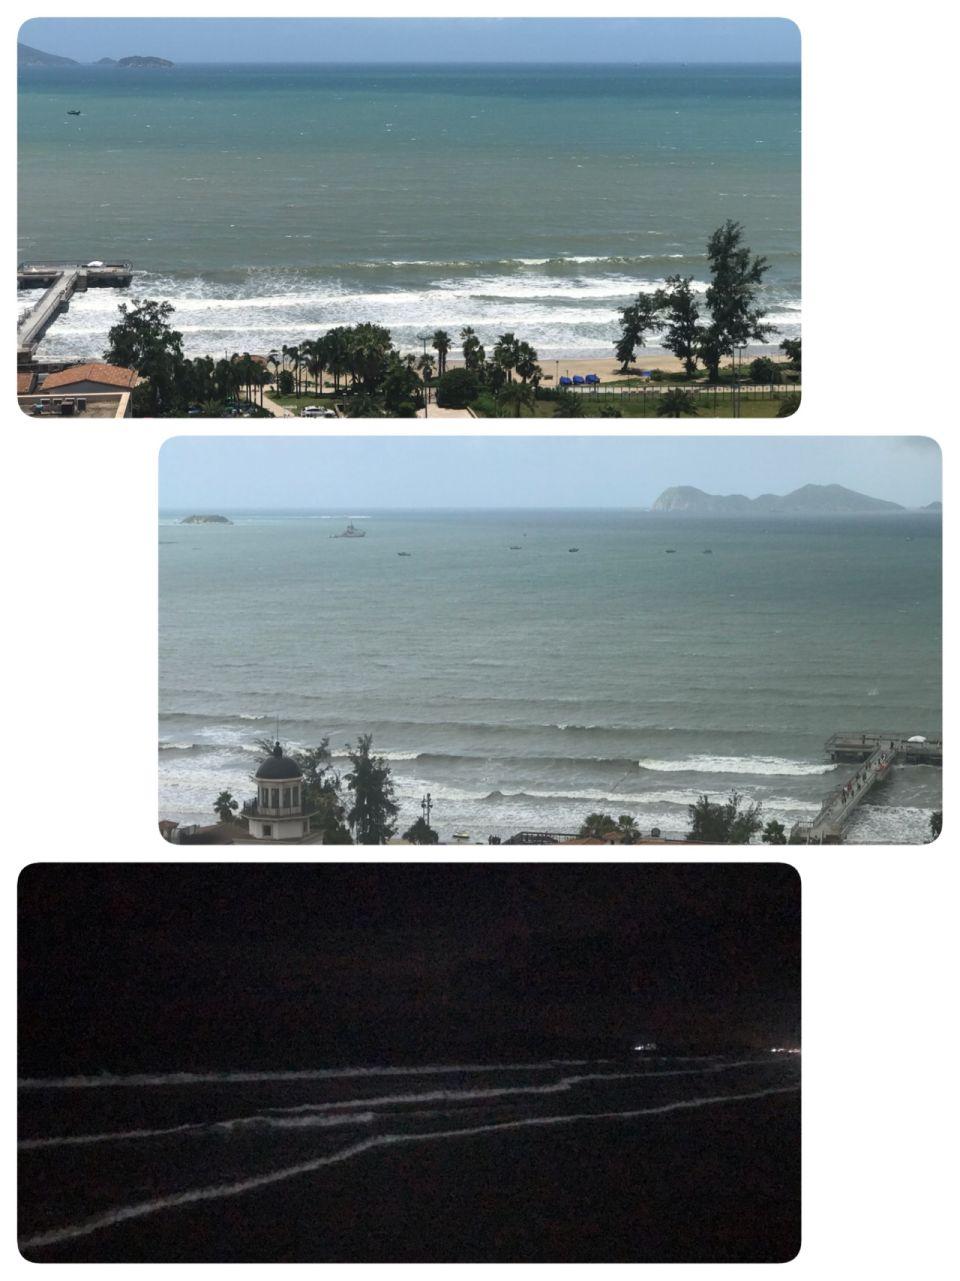 早中晚海景图.jpg